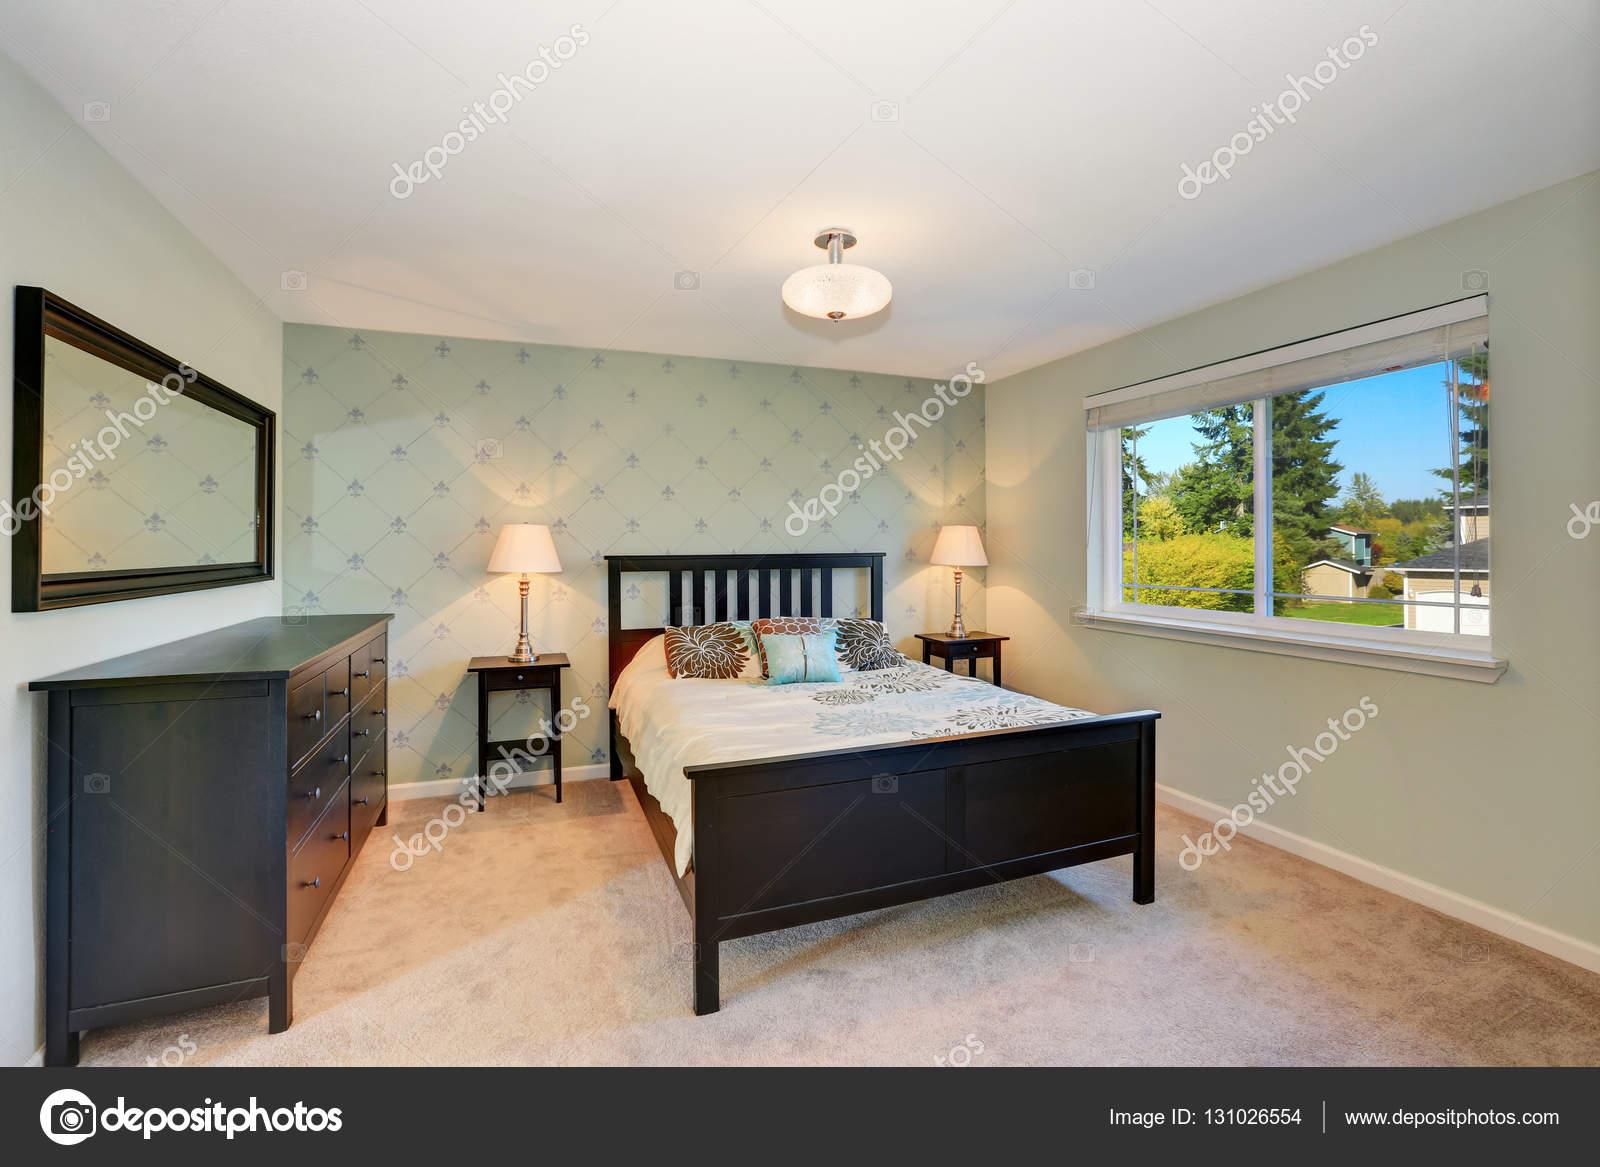 Chambre meublée avec des meubles noir et moquette — Photographie ...